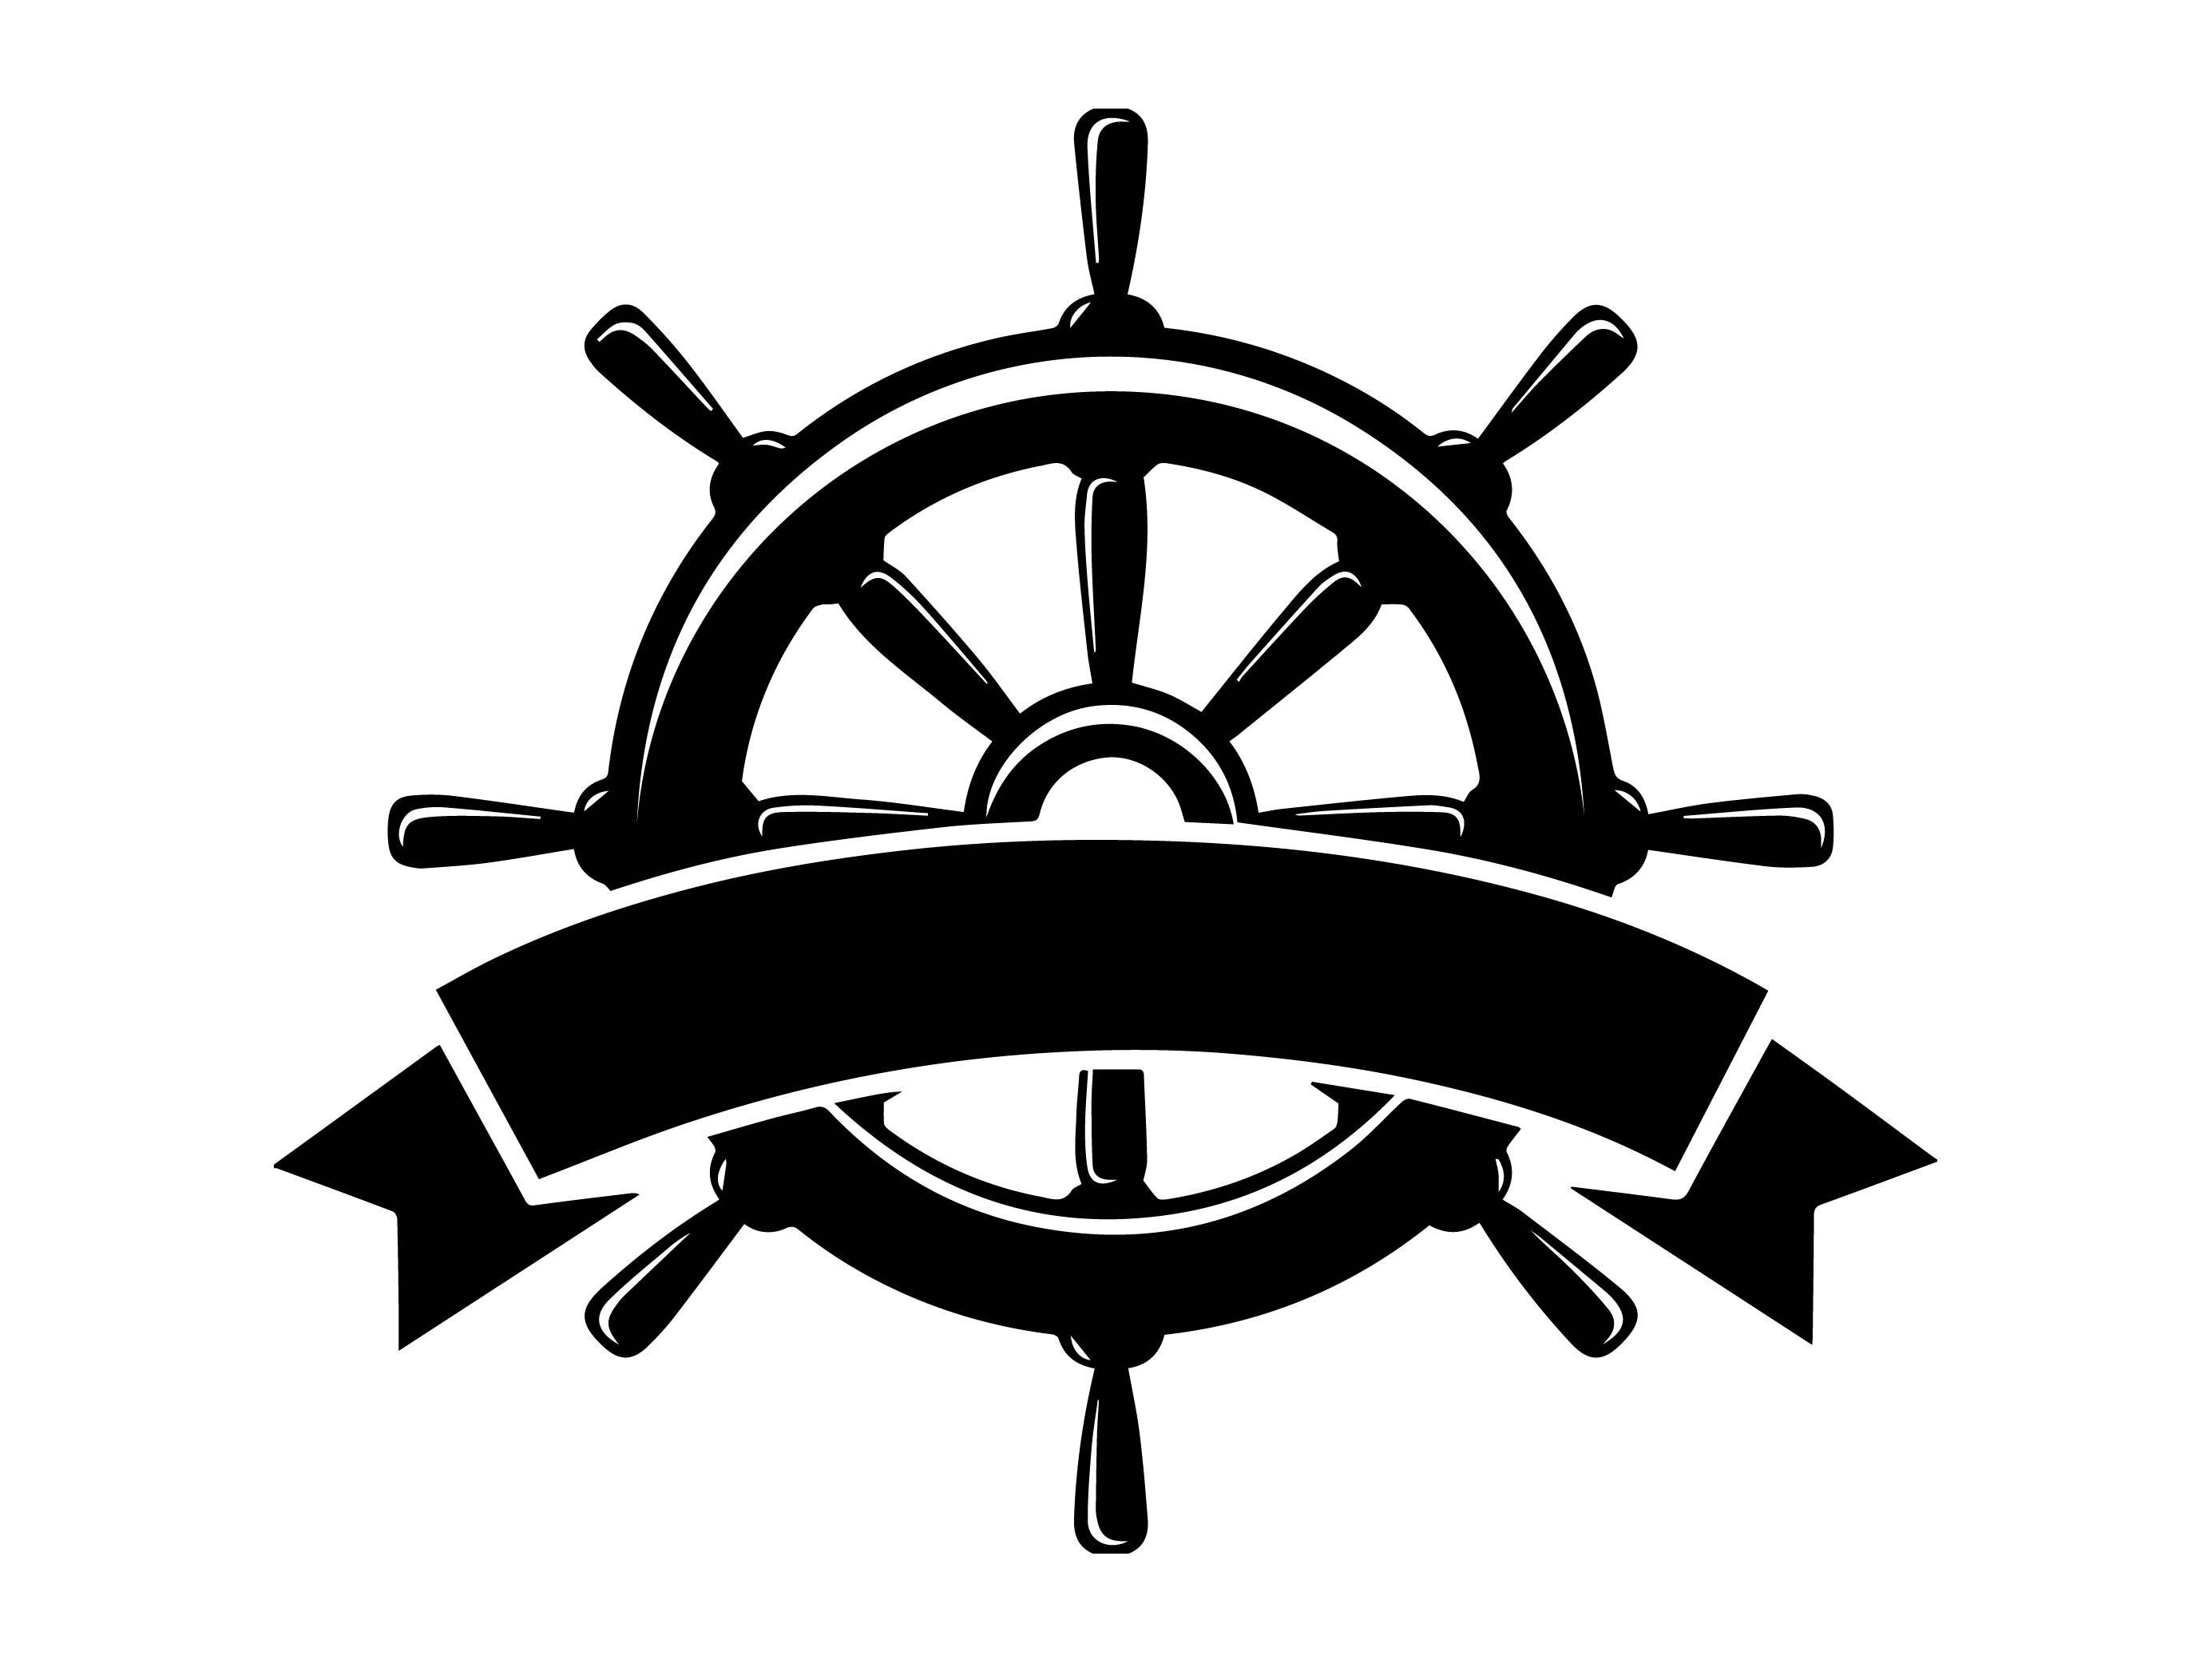 Knot Wheel Nautical Sailing Ship Marine Anchor Boat Barco